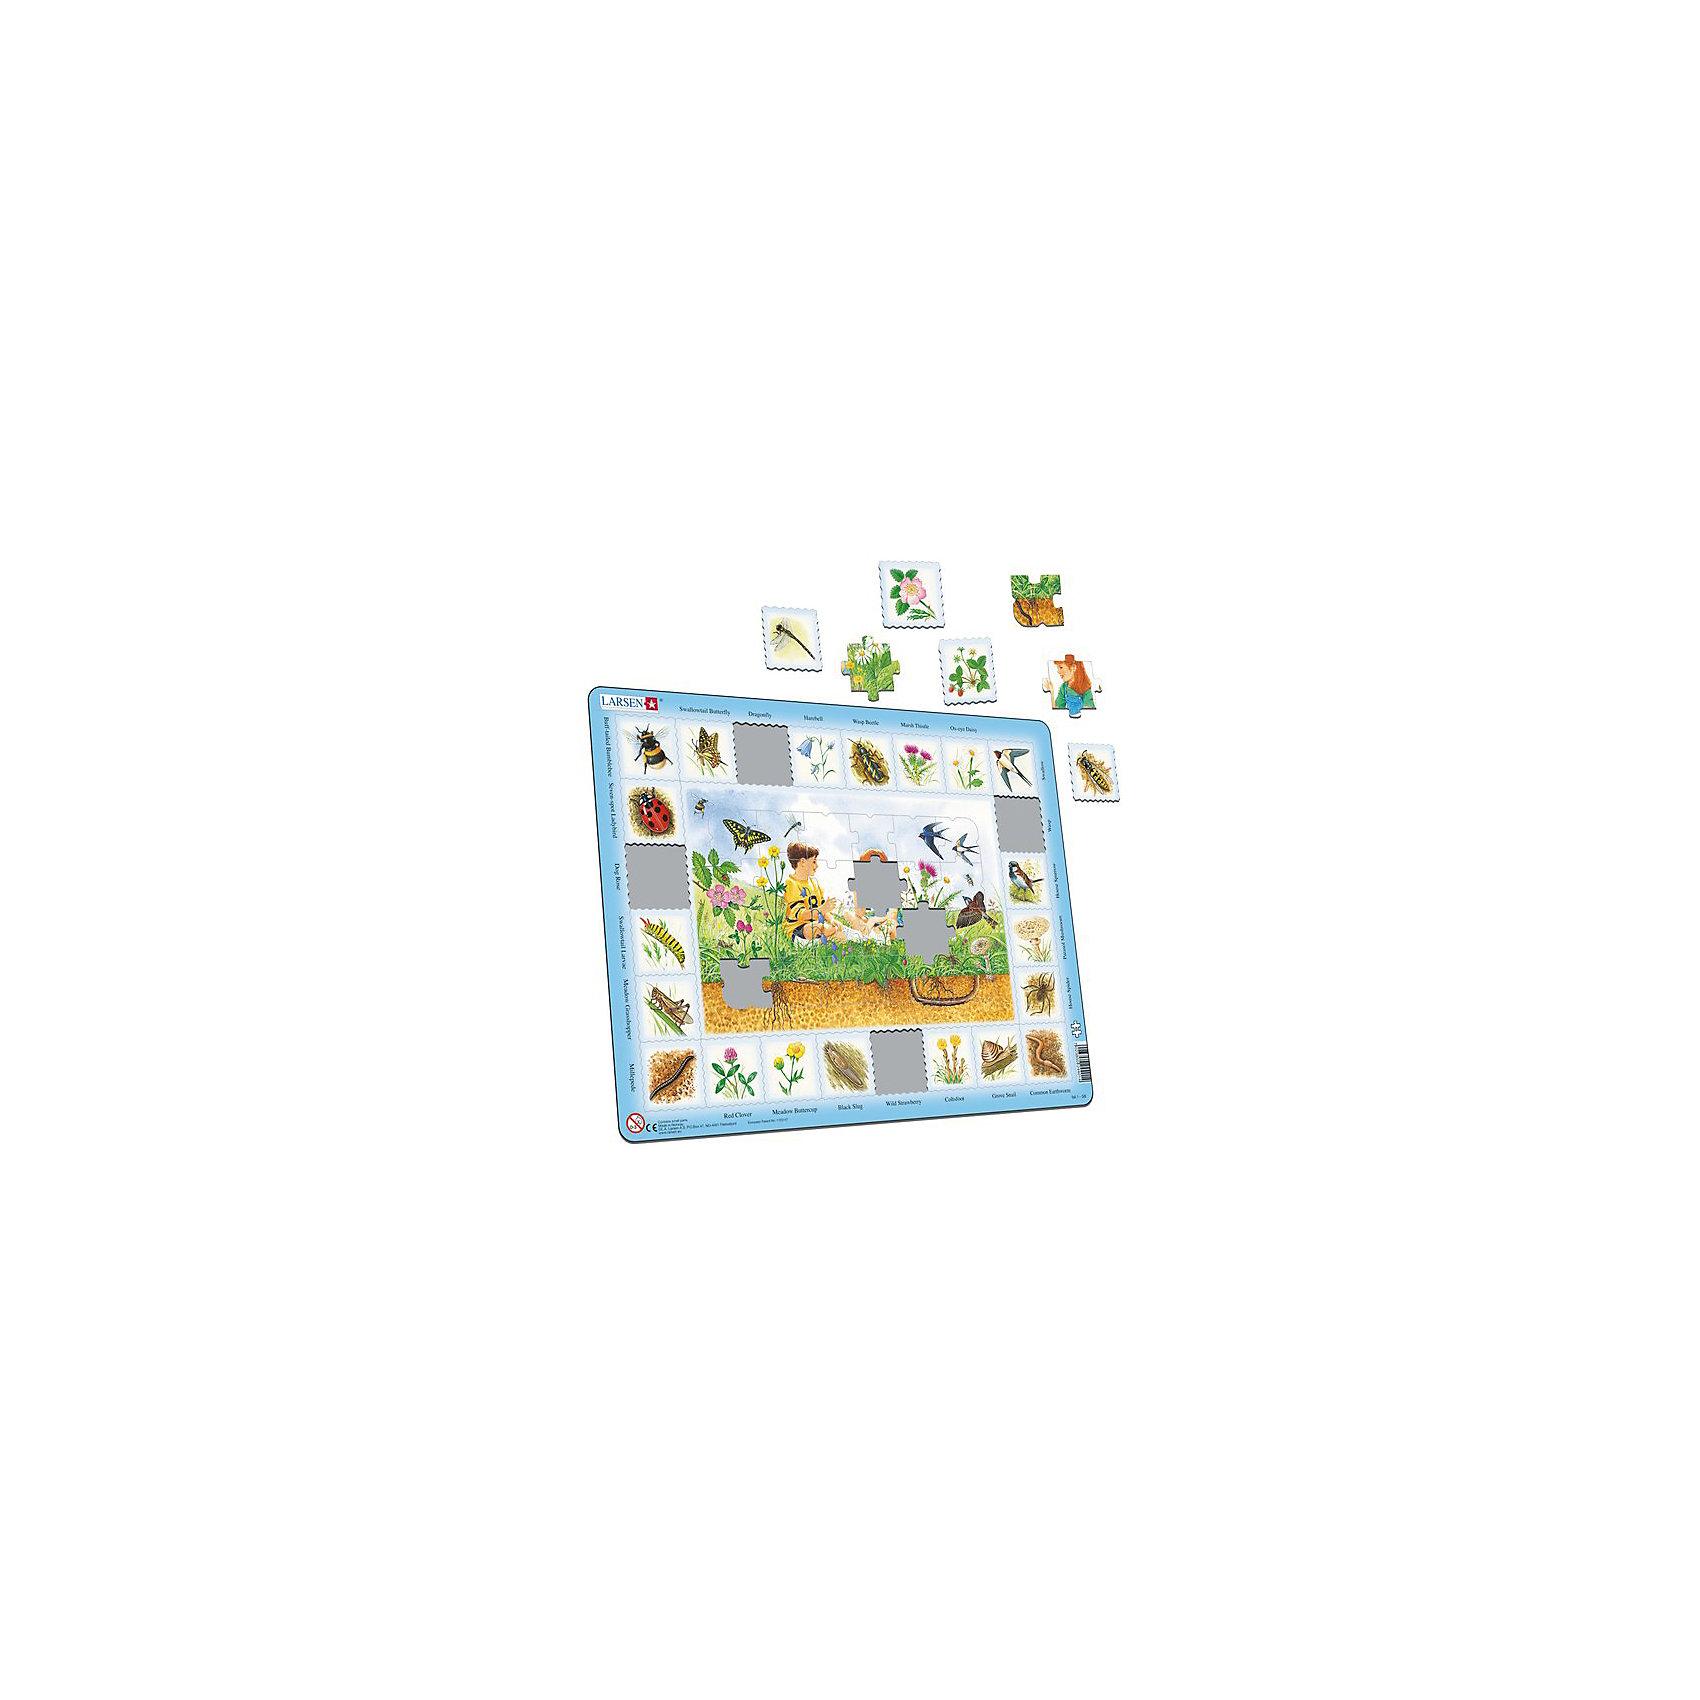 Пазл Горы, 48 деталей, LarsenПазлы для малышей<br>Пазлы Ларсен - это прежде всего обучающие пазлы. Данная серия в игровой форме знакомит детей от 3 лет с животным и растительным миром. В центре пазла изображен сюжет с ландшафтом, а по контуру необходимо правильно выложить его обитателей. Подсказкой служат отпечатанные на картоне названия, которые помогут самым маленьким найти правильный ответ. <br><br>Яркие и оригинальные пазлы норвежского бренда Ларсен радуют детей и взрослых. Каждый пазл - настоящая картина, которую необходимо собрать, чтобы восхищаться удивительными изображениями. <br><br>Пазлы Ларсен всесторонне влияют на развитие малыша. В процессе игры с мелкими деталями развивается моторика пальчиков, красочные картинки стимулируют воображение, мышление и память. <br><br>Детали пазла выполнены из качественного трехслойного картона.<br><br>Ширина мм: 365<br>Глубина мм: 5<br>Высота мм: 285<br>Вес г: 320<br>Возраст от месяцев: 36<br>Возраст до месяцев: 1188<br>Пол: Унисекс<br>Возраст: Детский<br>SKU: 4761488